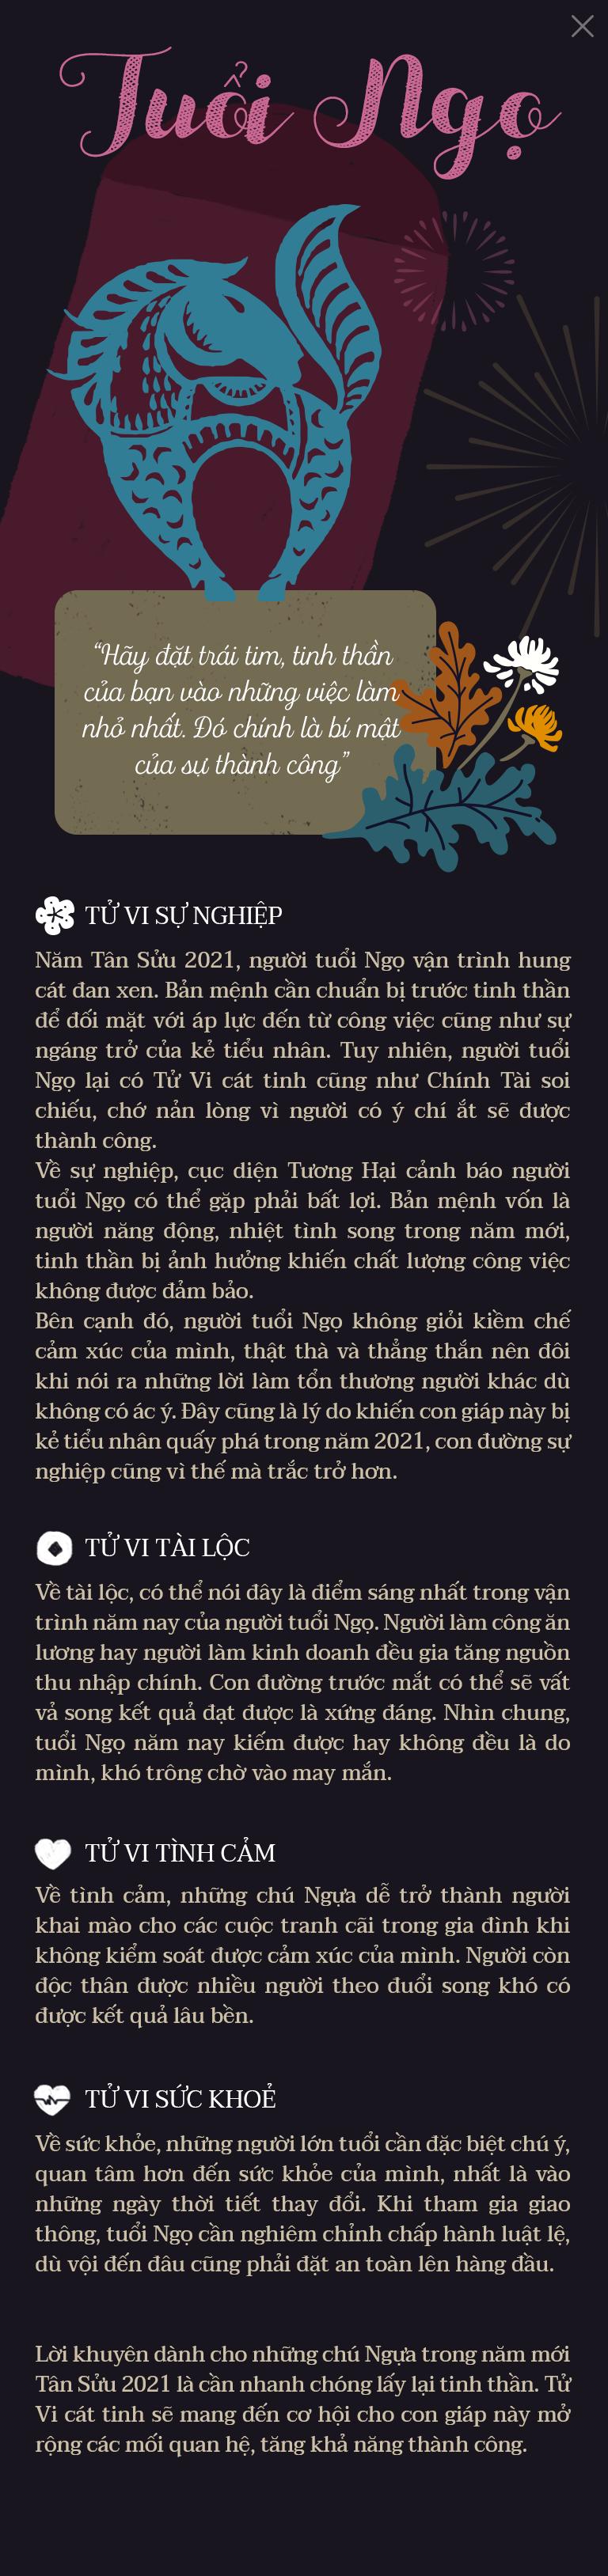 Tử vi năm Tân Sửu 2021: Xem tài lộc, sự nghiệp, sức khoẻ, tình duyên 12 con giáp trong năm - 24